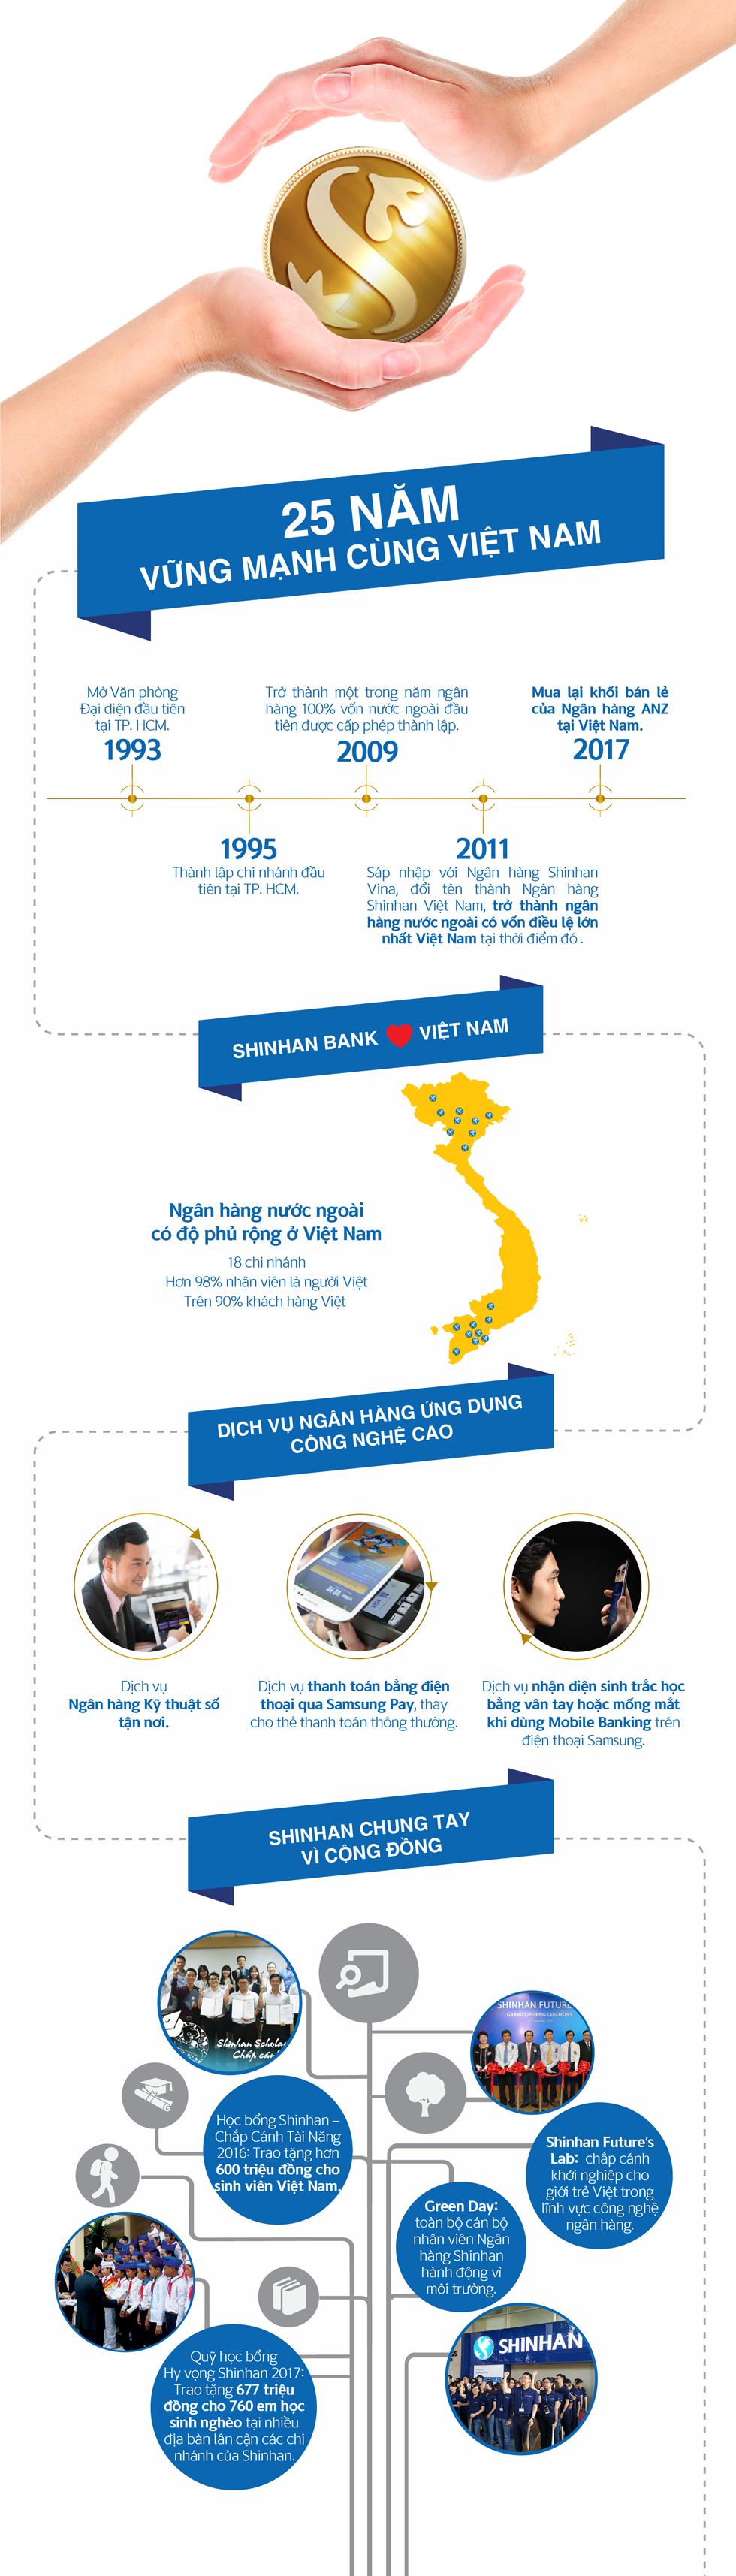 25 năm phát triển của Ngân hàng Shinhan tại Việt Nam